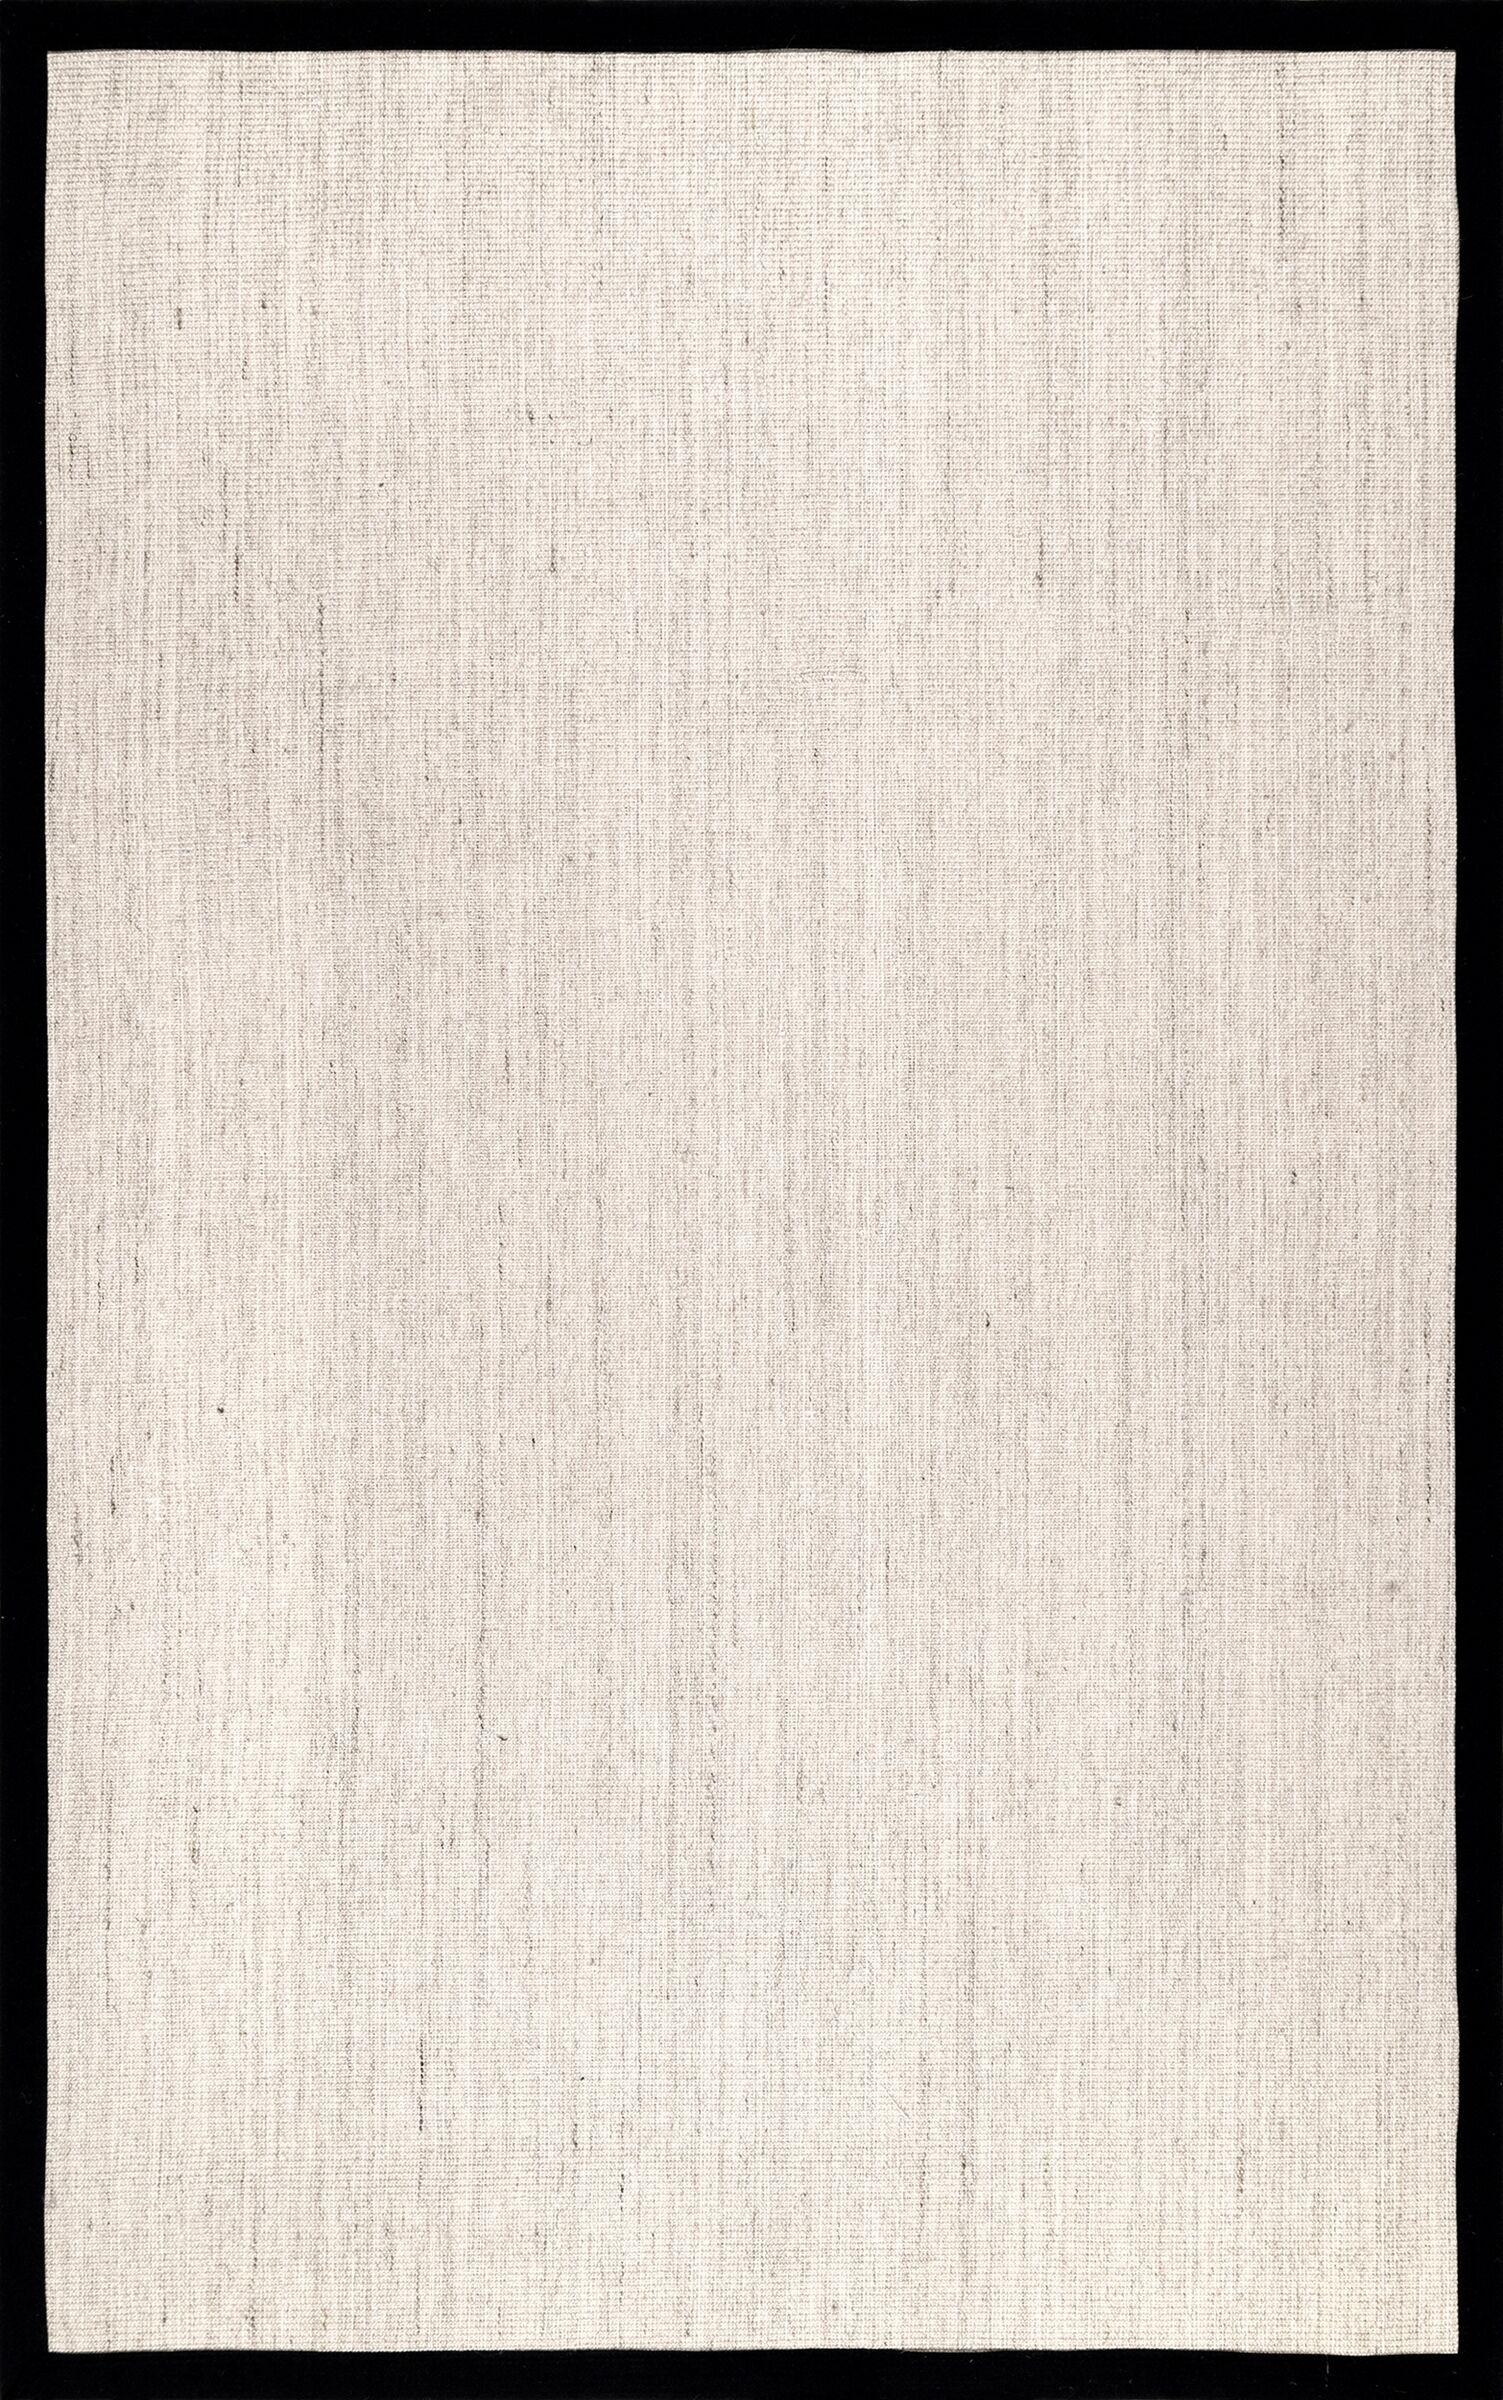 Belwood Beige Area Rug Rug Size: Rectangle 8' x 10'